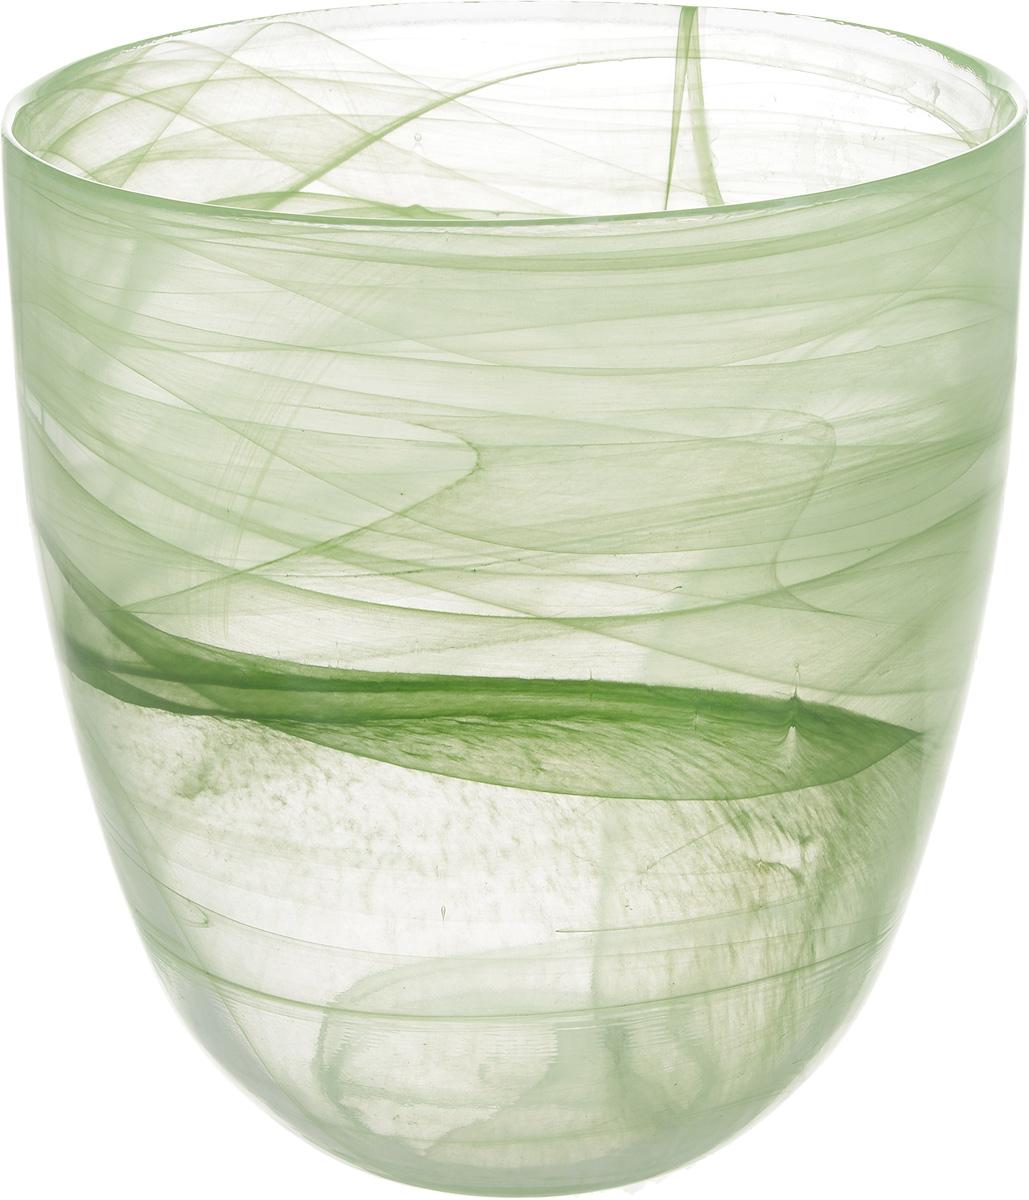 Кашпо NiNaGlass, цвет: прозрачный, зеленый, высота 18 см93-027 ЗЕЛКашпо NiNaGlass имеет уникальную форму, сочетающуюся как с классическим, так и с современным дизайном интерьера. Оно изготовлено из высококачественного стекла и предназначено для выращивания растений, цветов и трав в домашних условиях. Кашпо NiNaGlass порадует вас функциональностью, а благодаря лаконичному дизайну впишется в любой интерьер помещения. Диаметр кашпо (по верхнему краю): 16 см. Высота кашпо: 18 см.